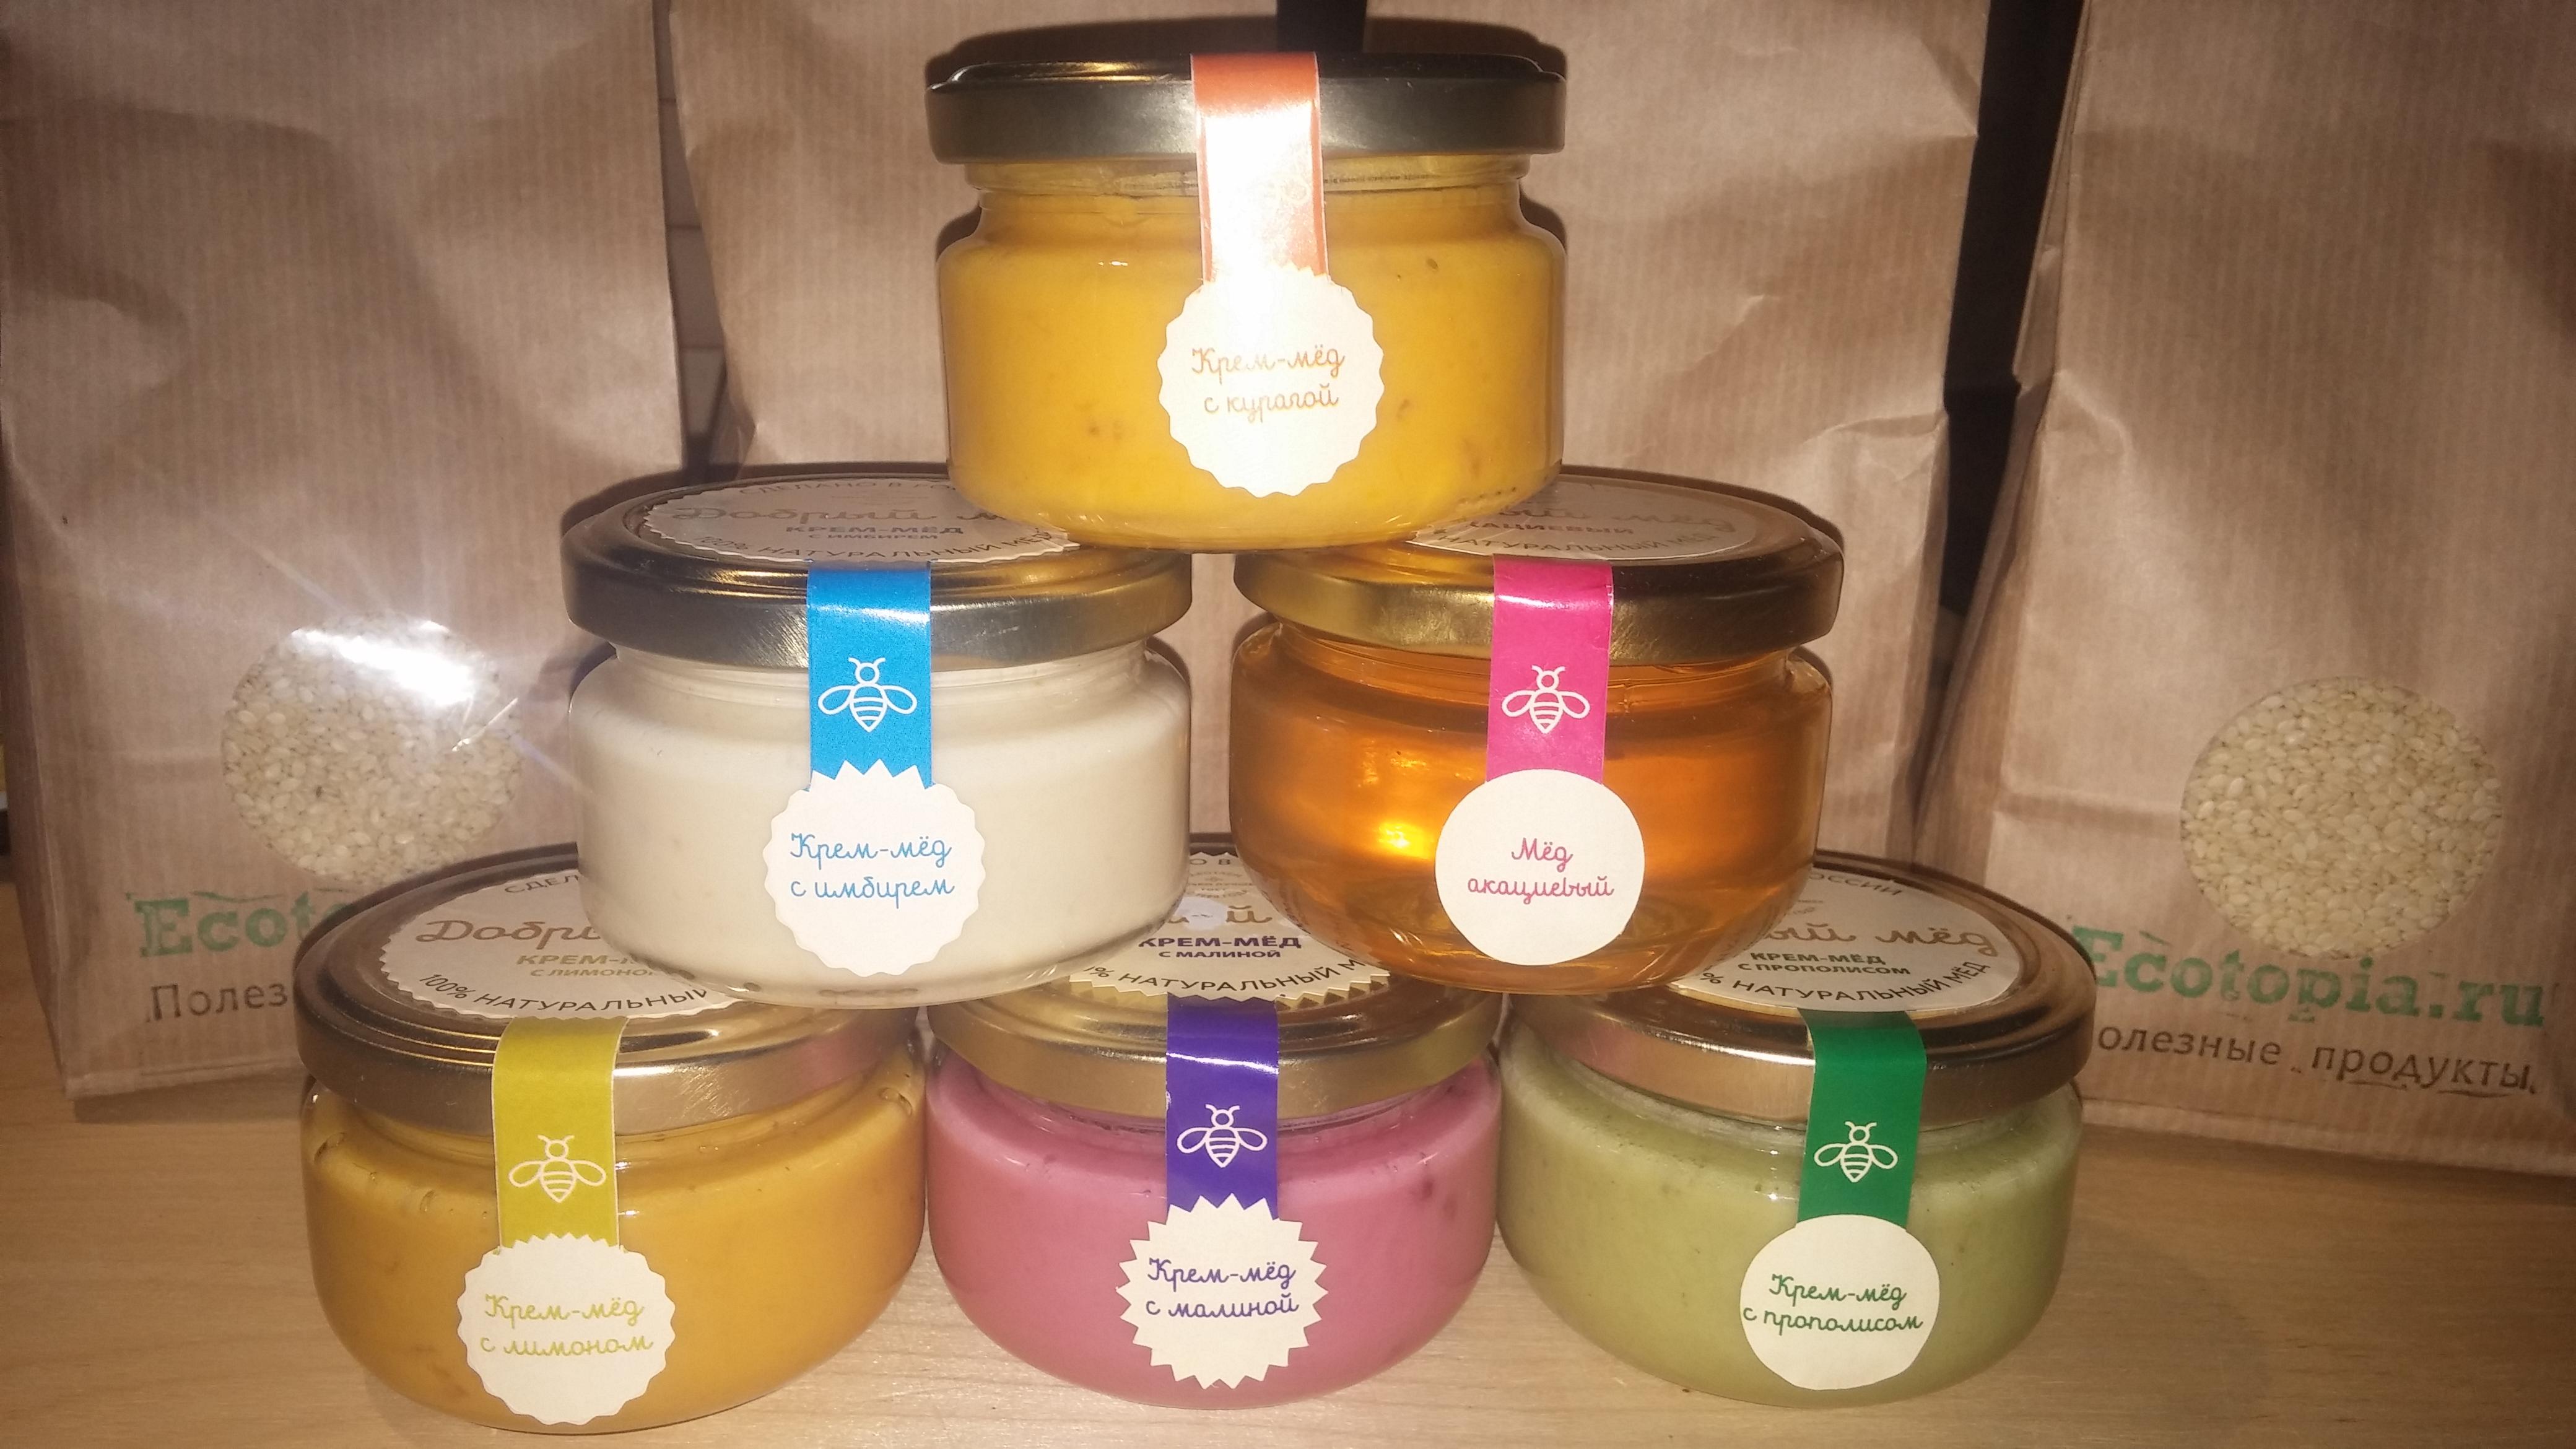 аааа.... мёд-суфле))) красота и вкуснота!!!